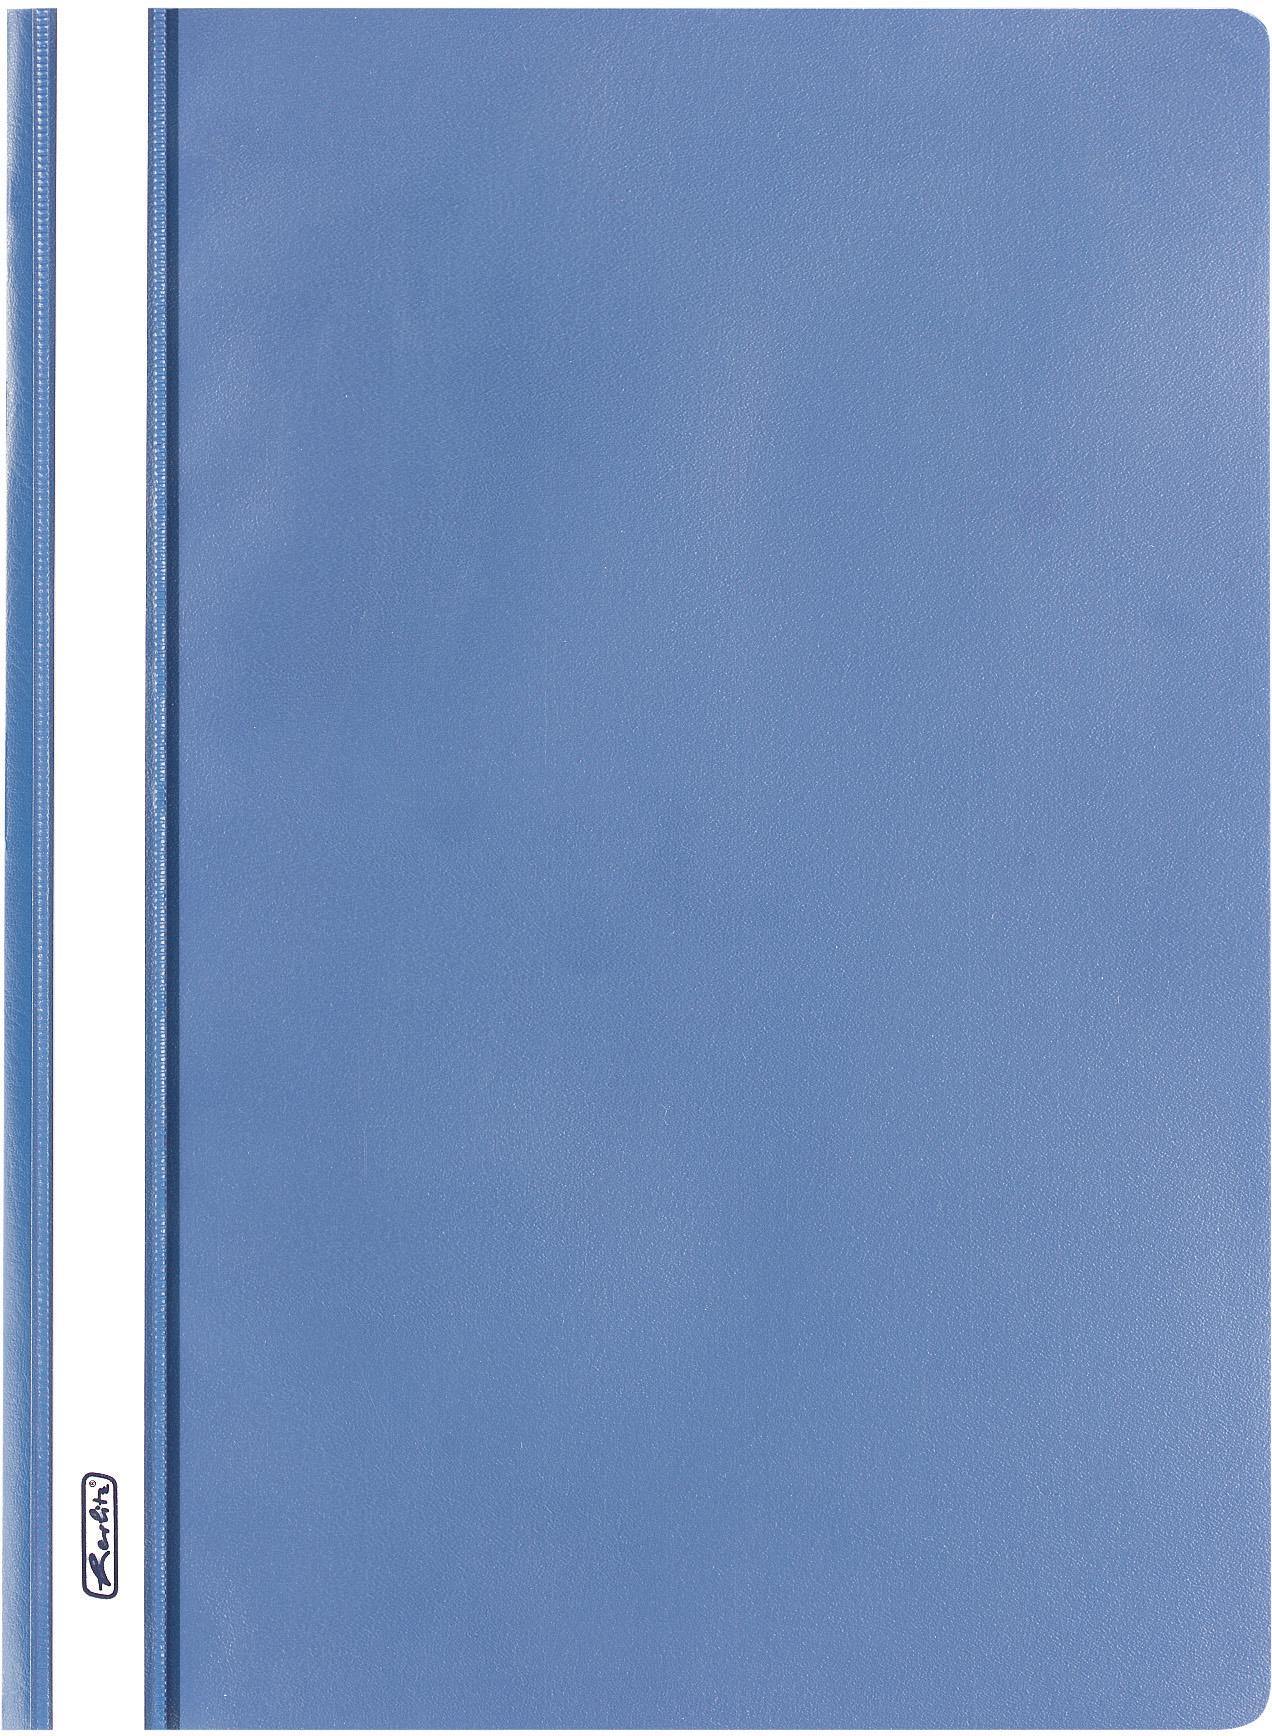 Blauer Schnellhefter DIN A4 aus PP mit transparentem Vorderdeckel und Beschriftungsstreifen